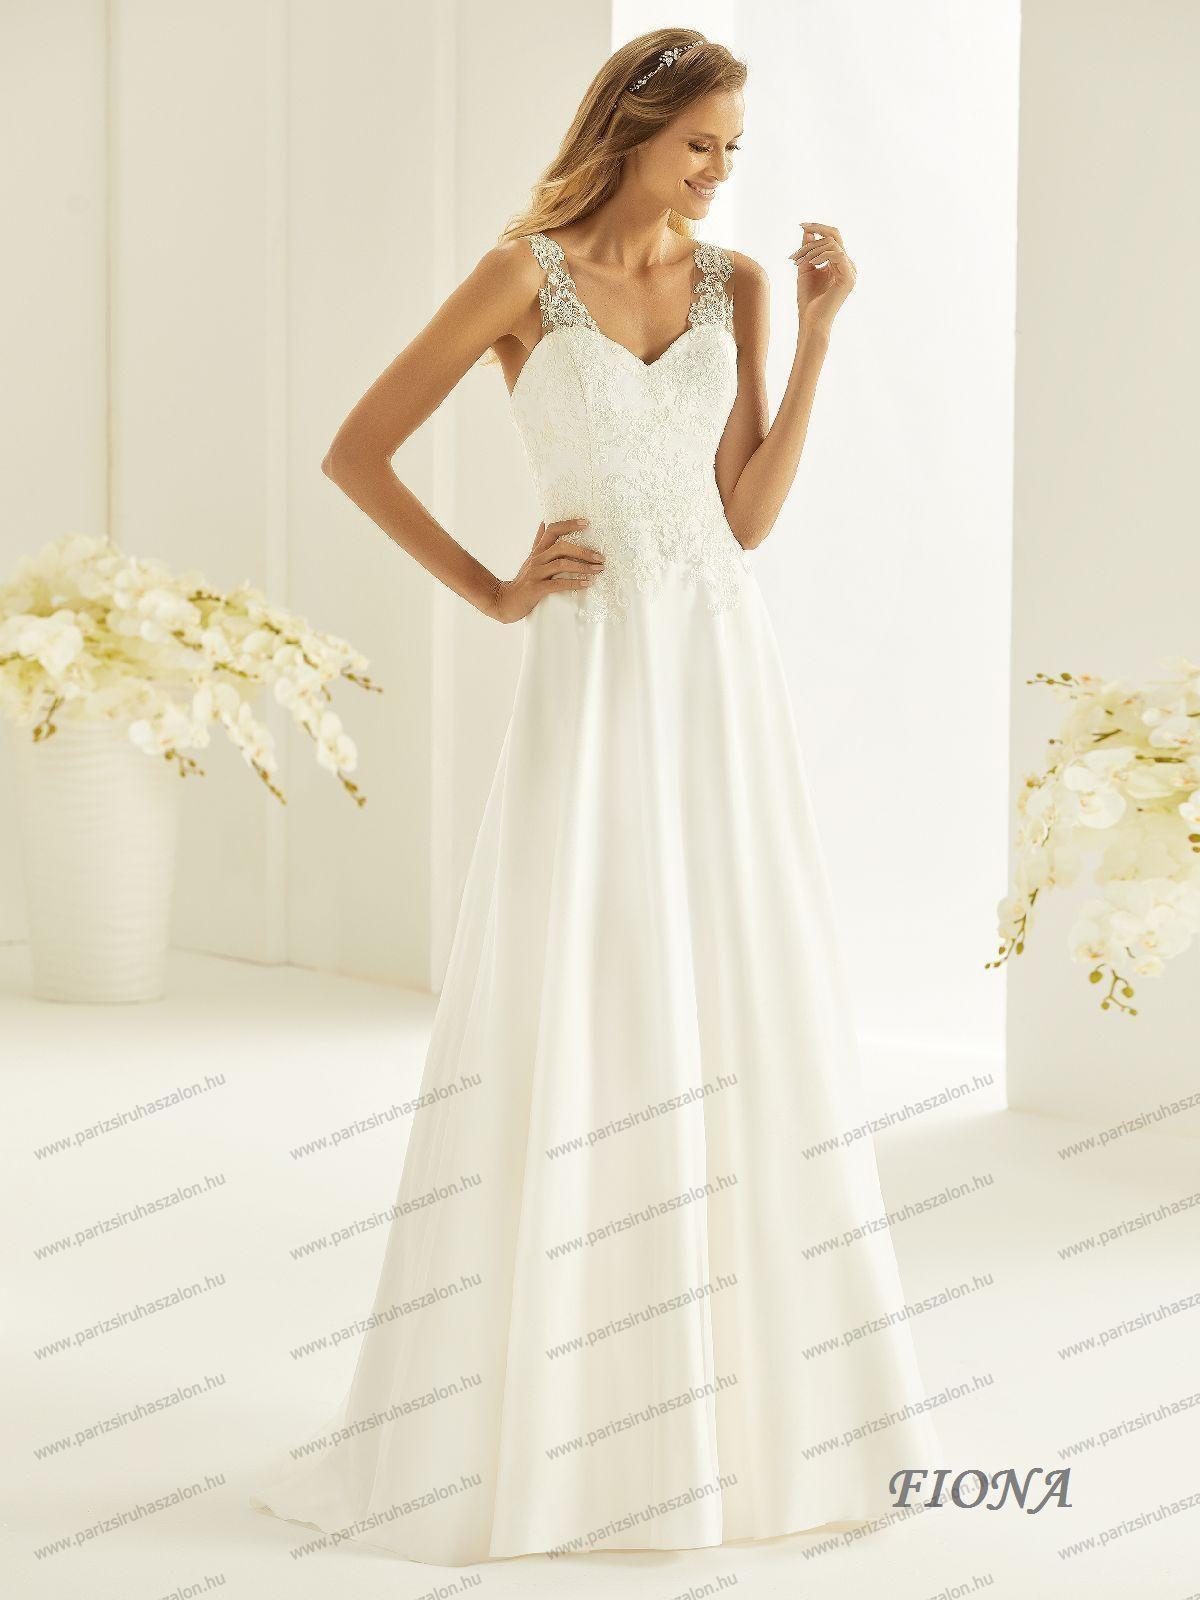 4e9236a18b FIONA menyasszonyi ruha | BIANCO EVENTO német hosszú, és rövid menyasszonyi  ruhák. (cikkszám: FIONA menyasszonyi ruha)